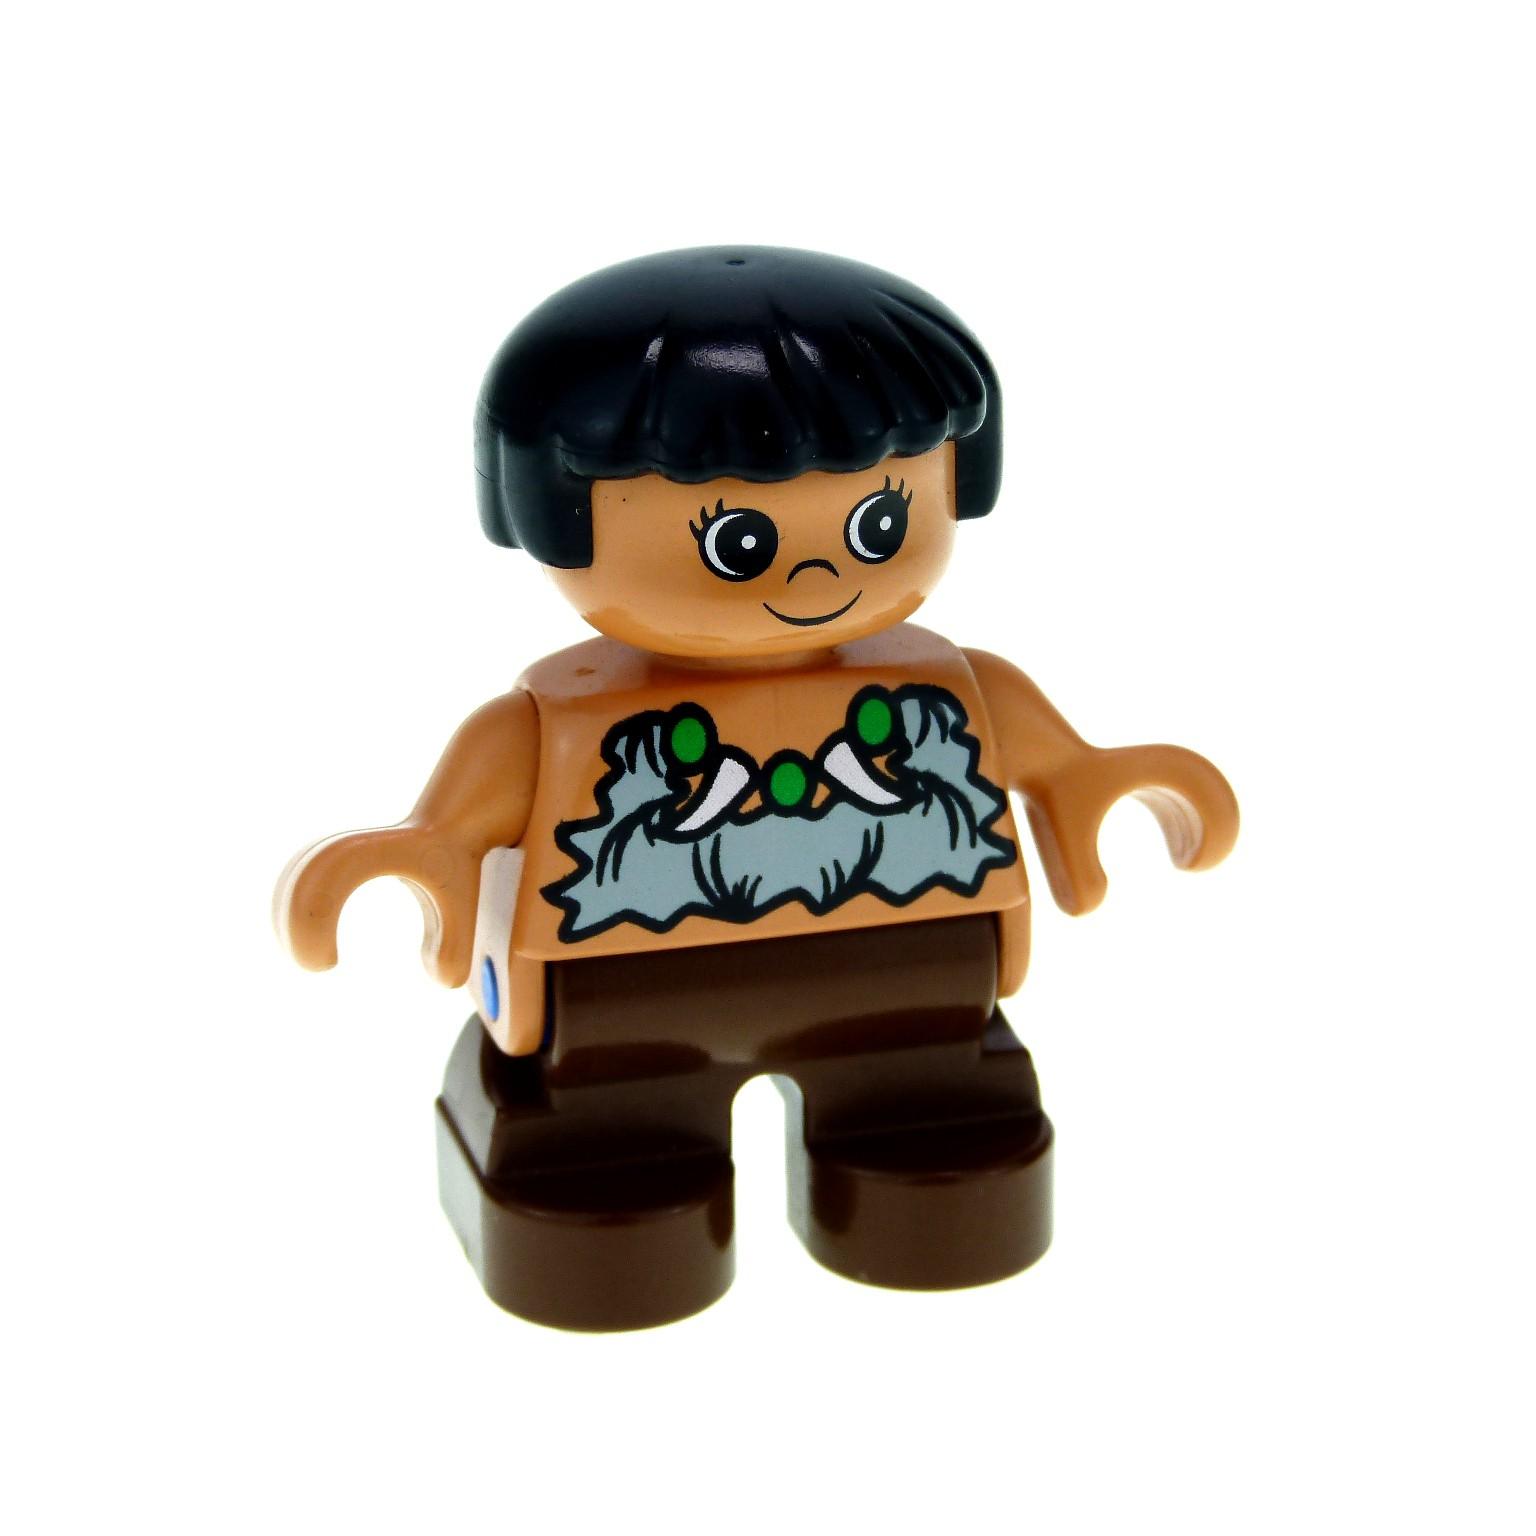 LEGO DUPLO brauner Rucksack zu Dino Welt Steinzeit Figuren kg Kilo 028